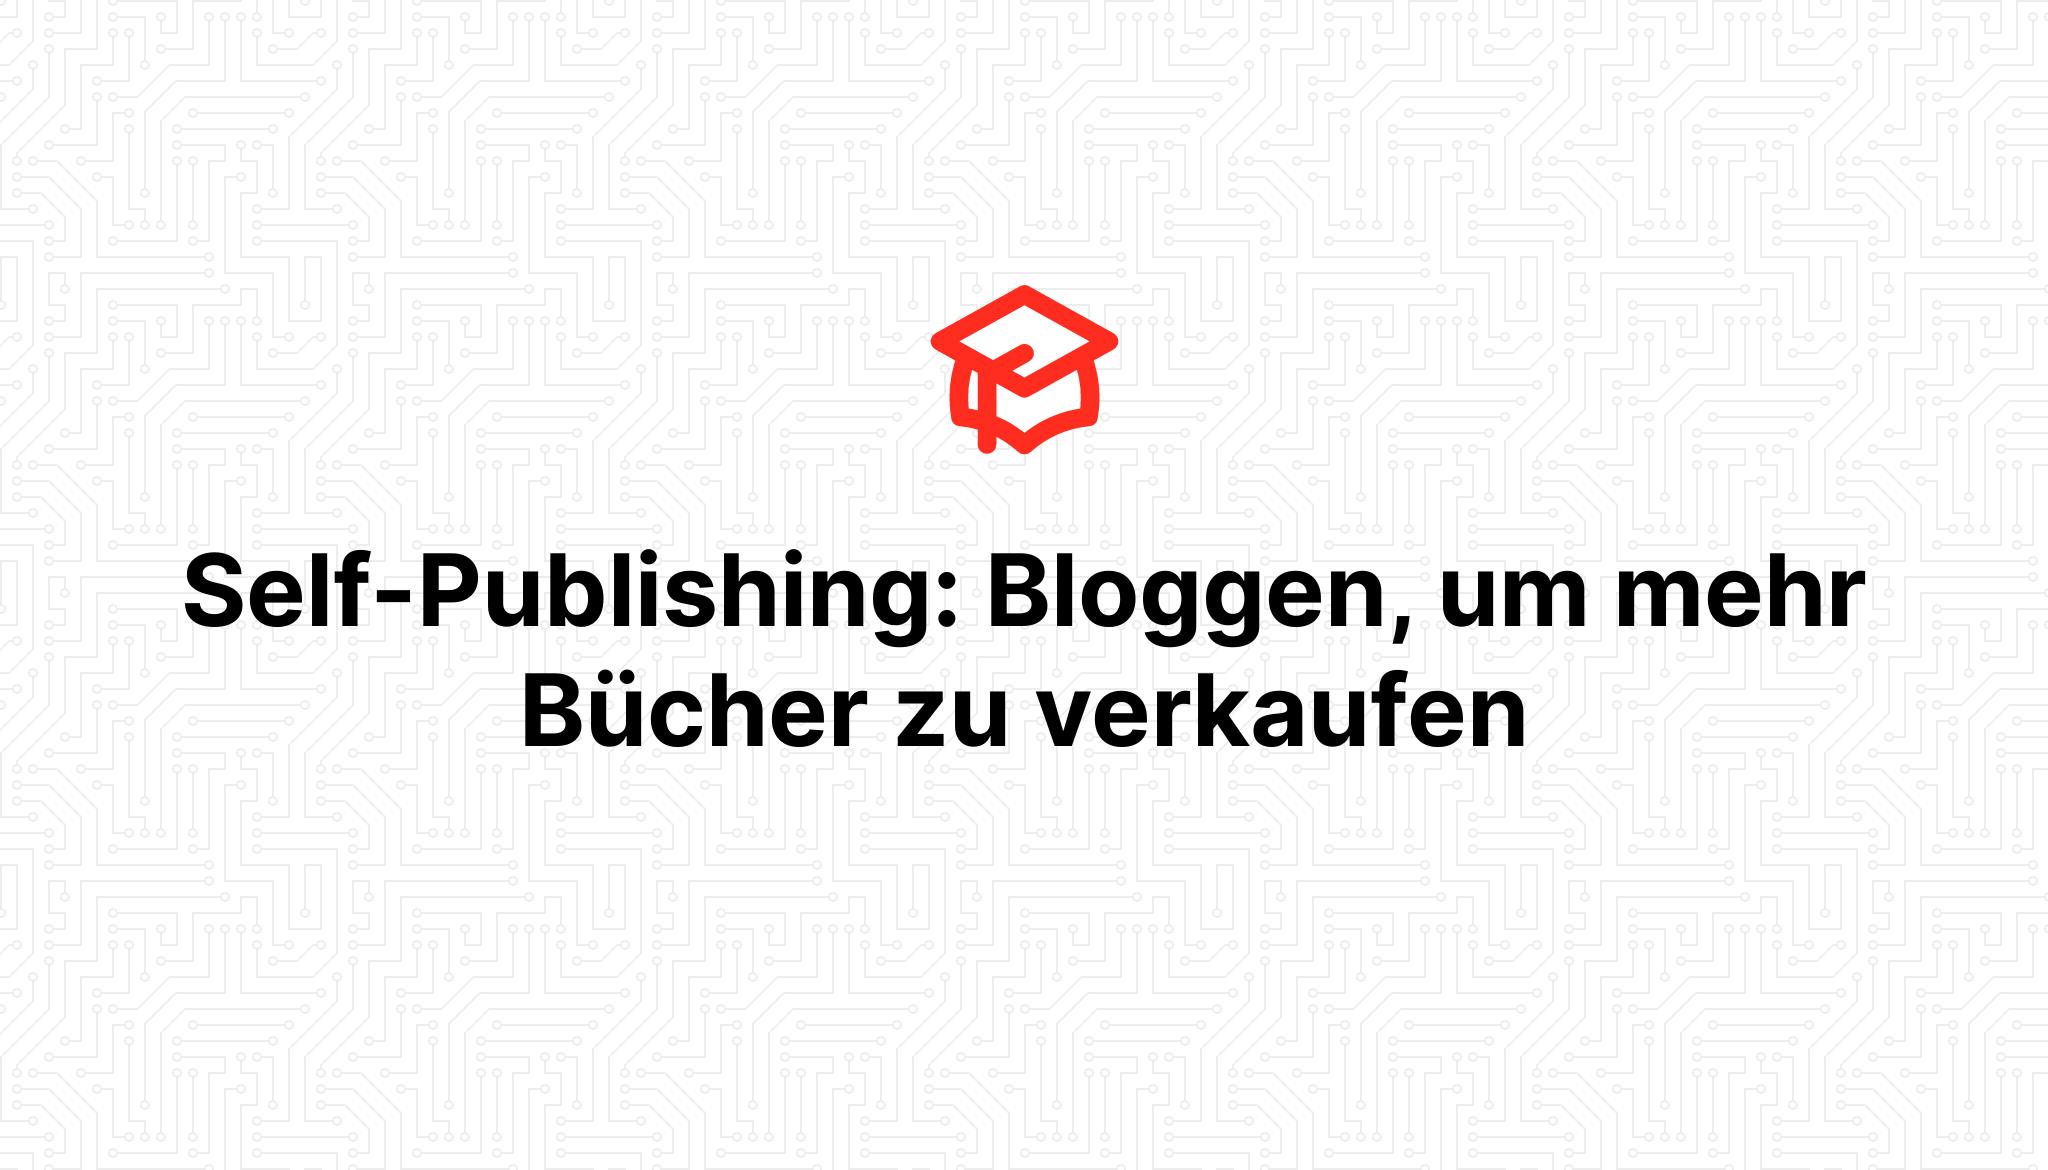 Self-Publishing: Bloggen, um mehr Bücher zu verkaufen